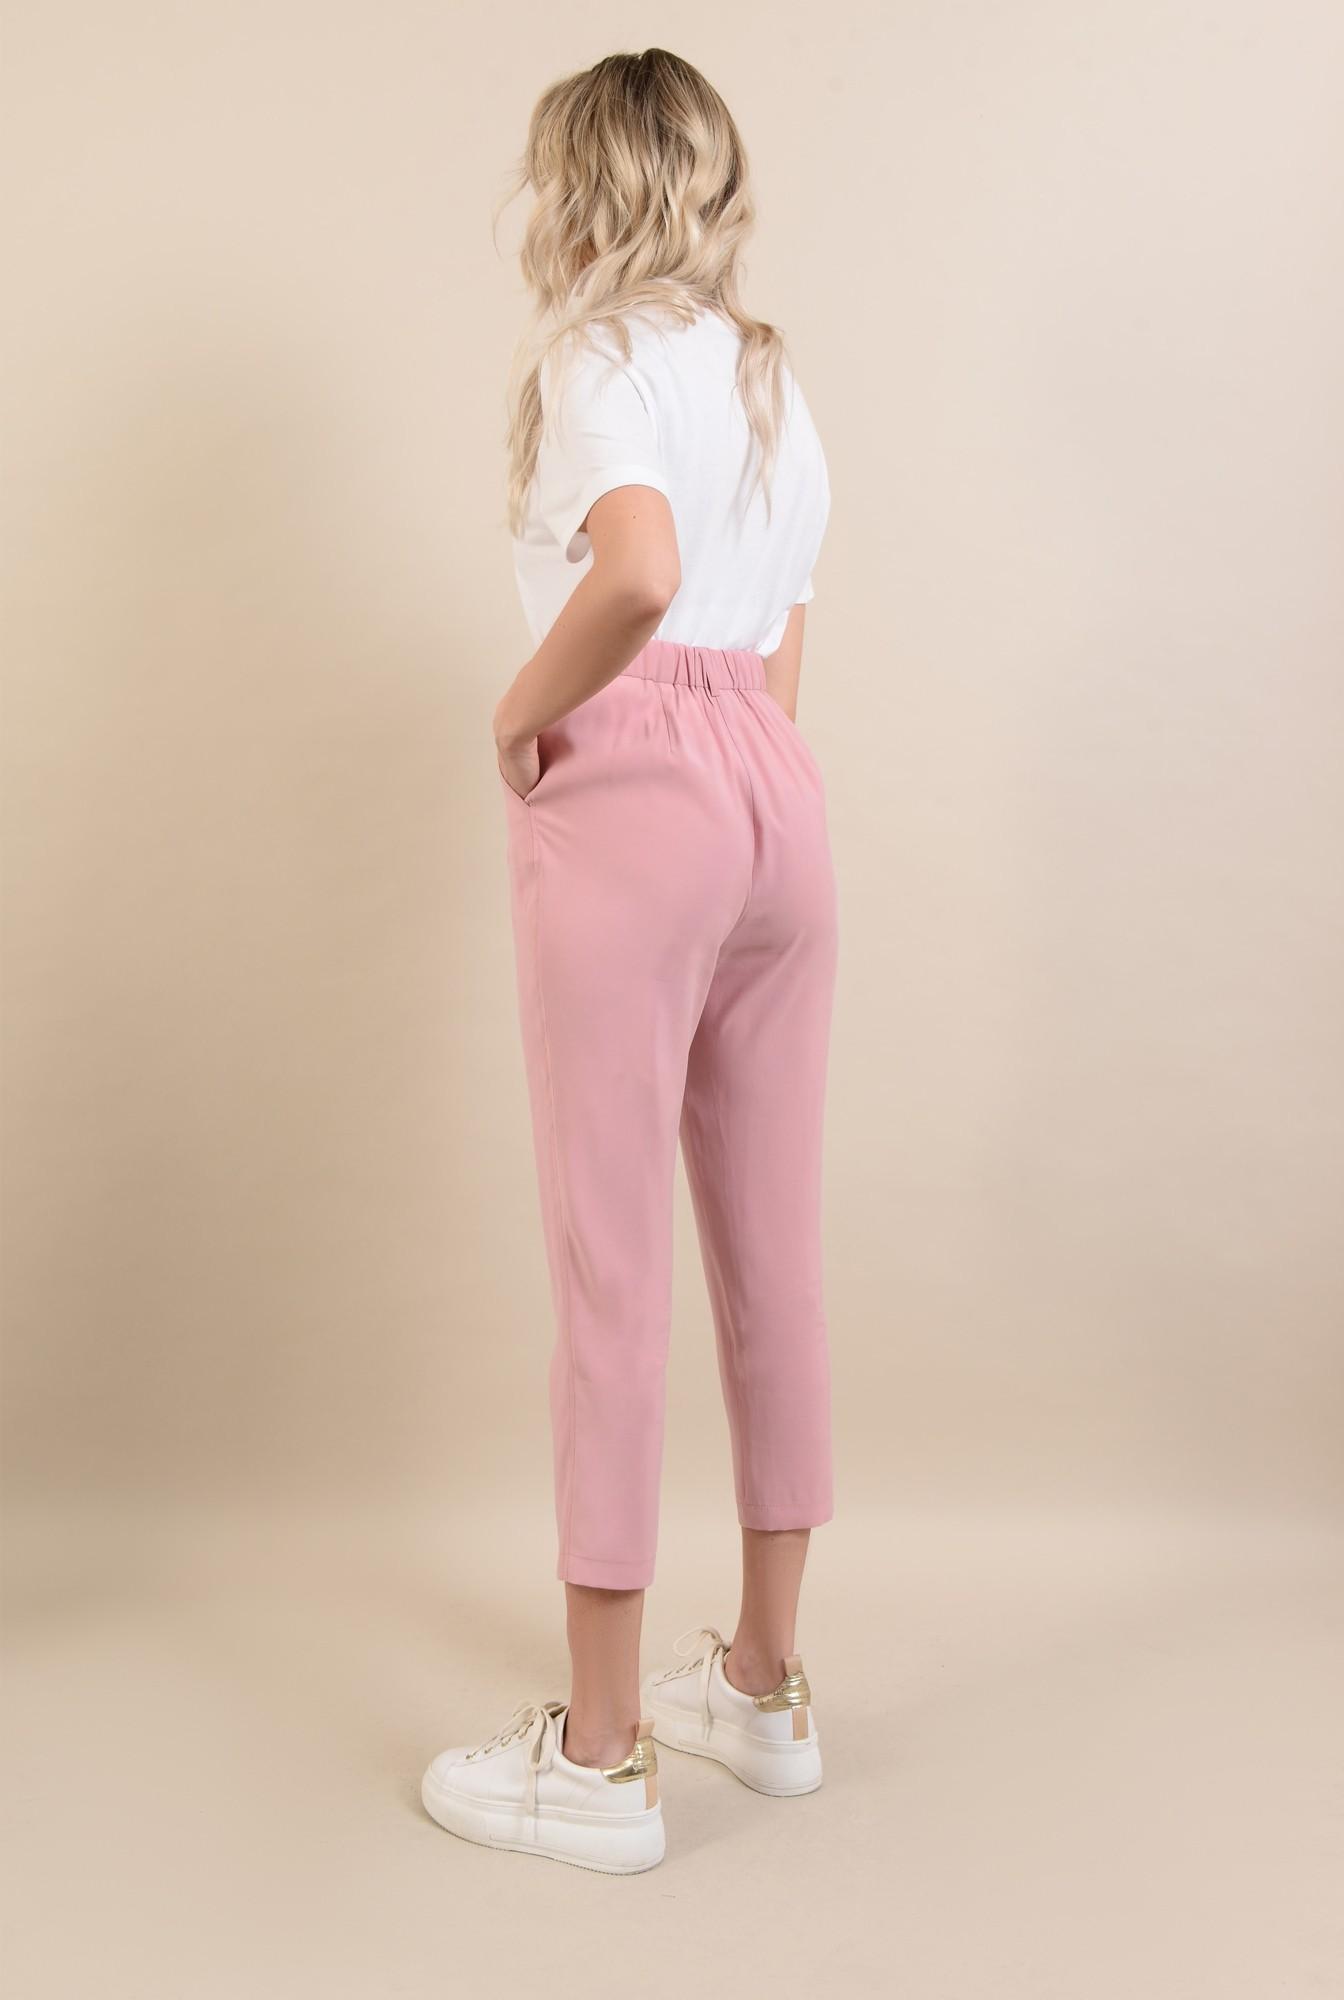 1 -  pantaloni casual, roz, conici, cu pense, cu buzunare